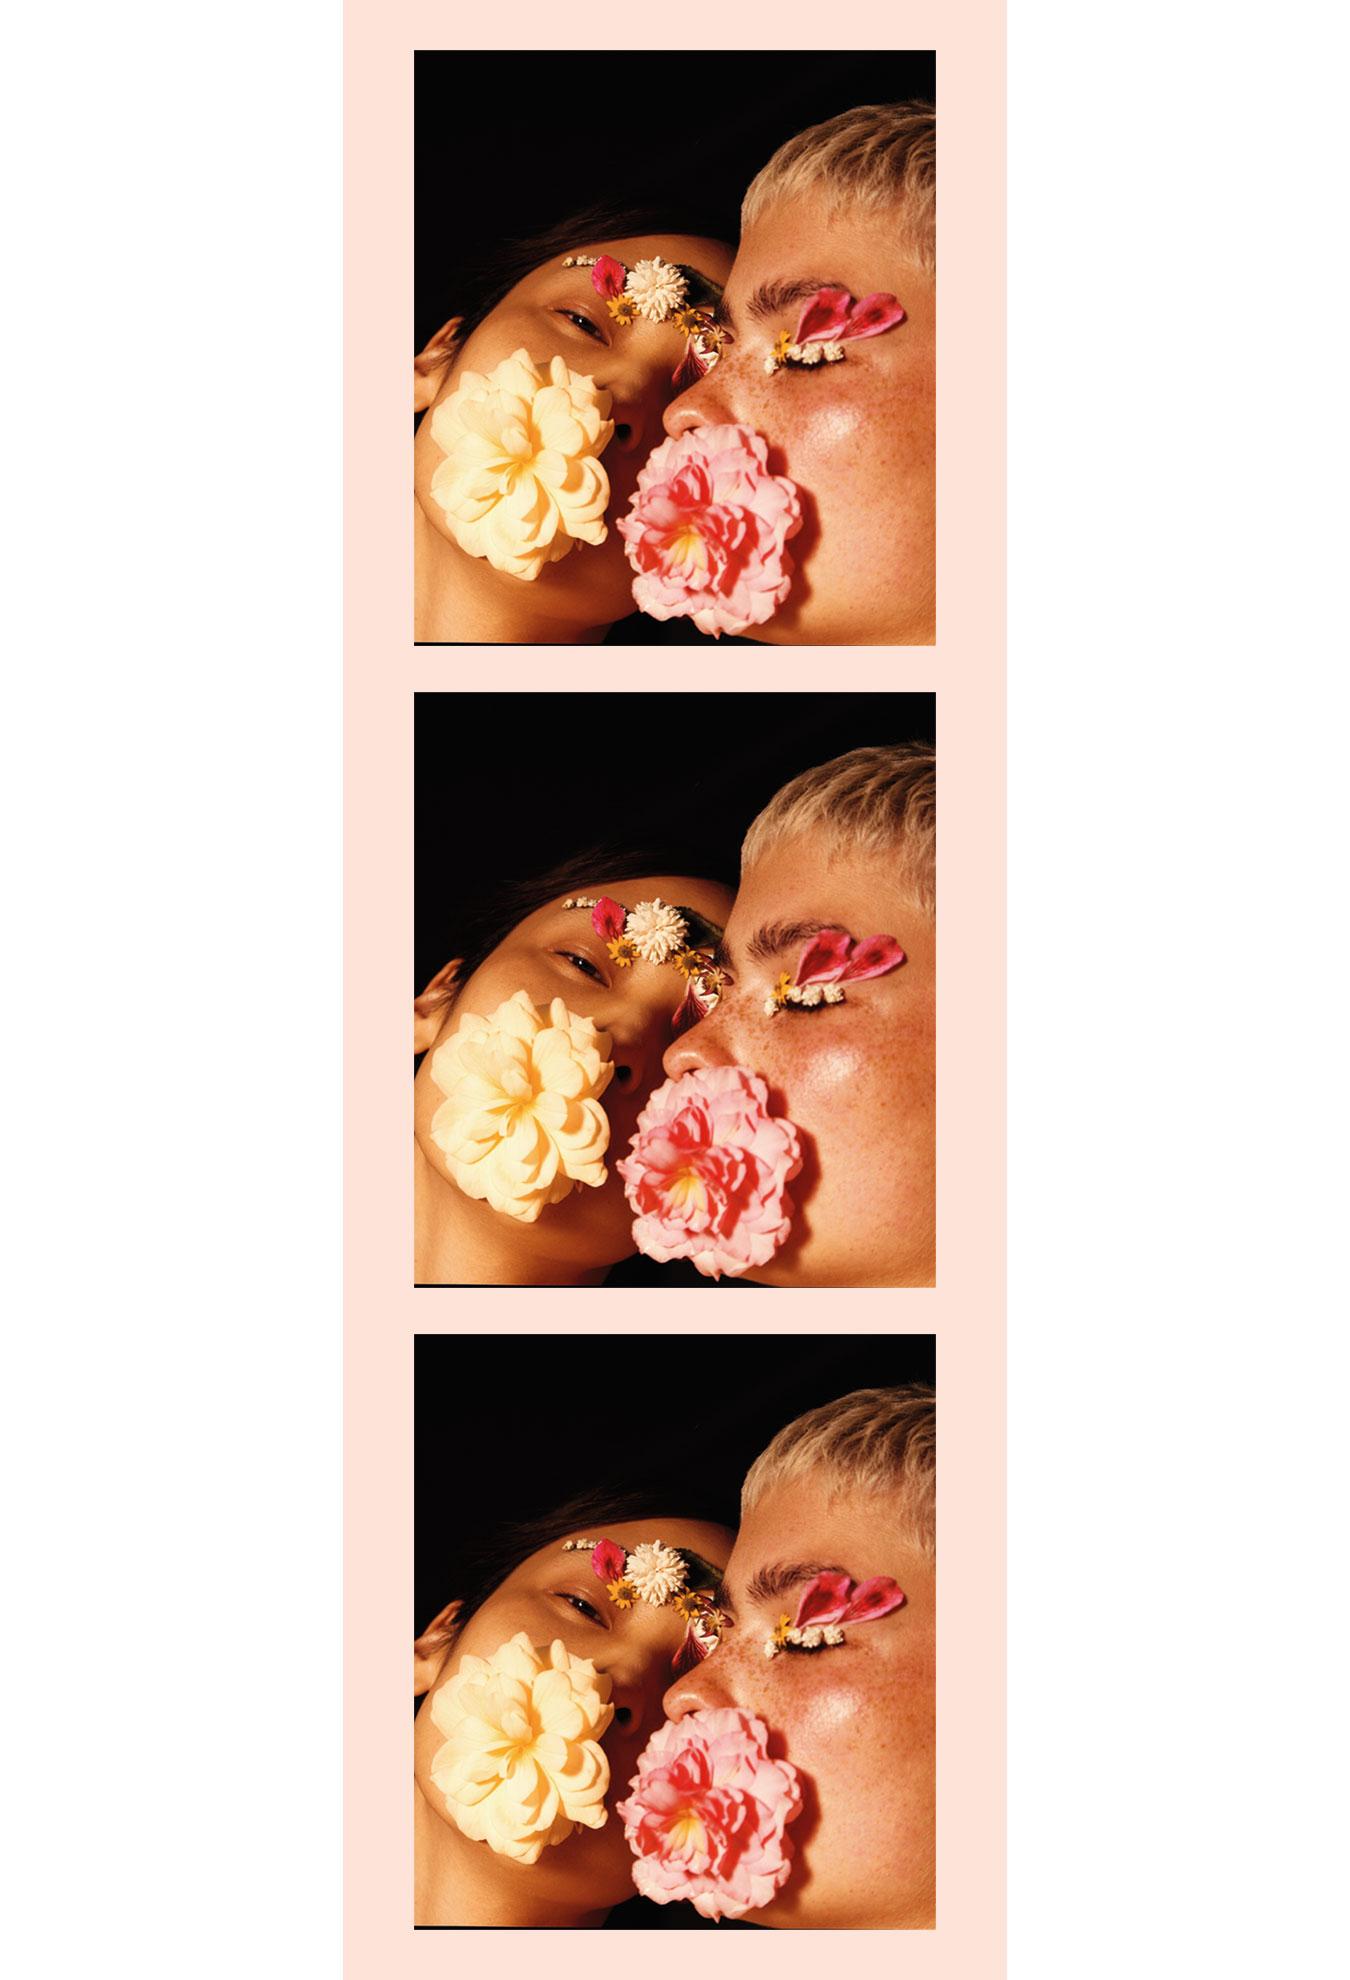 Clean Beauty zwei Frauen mit Blumenblüten im Gesicht